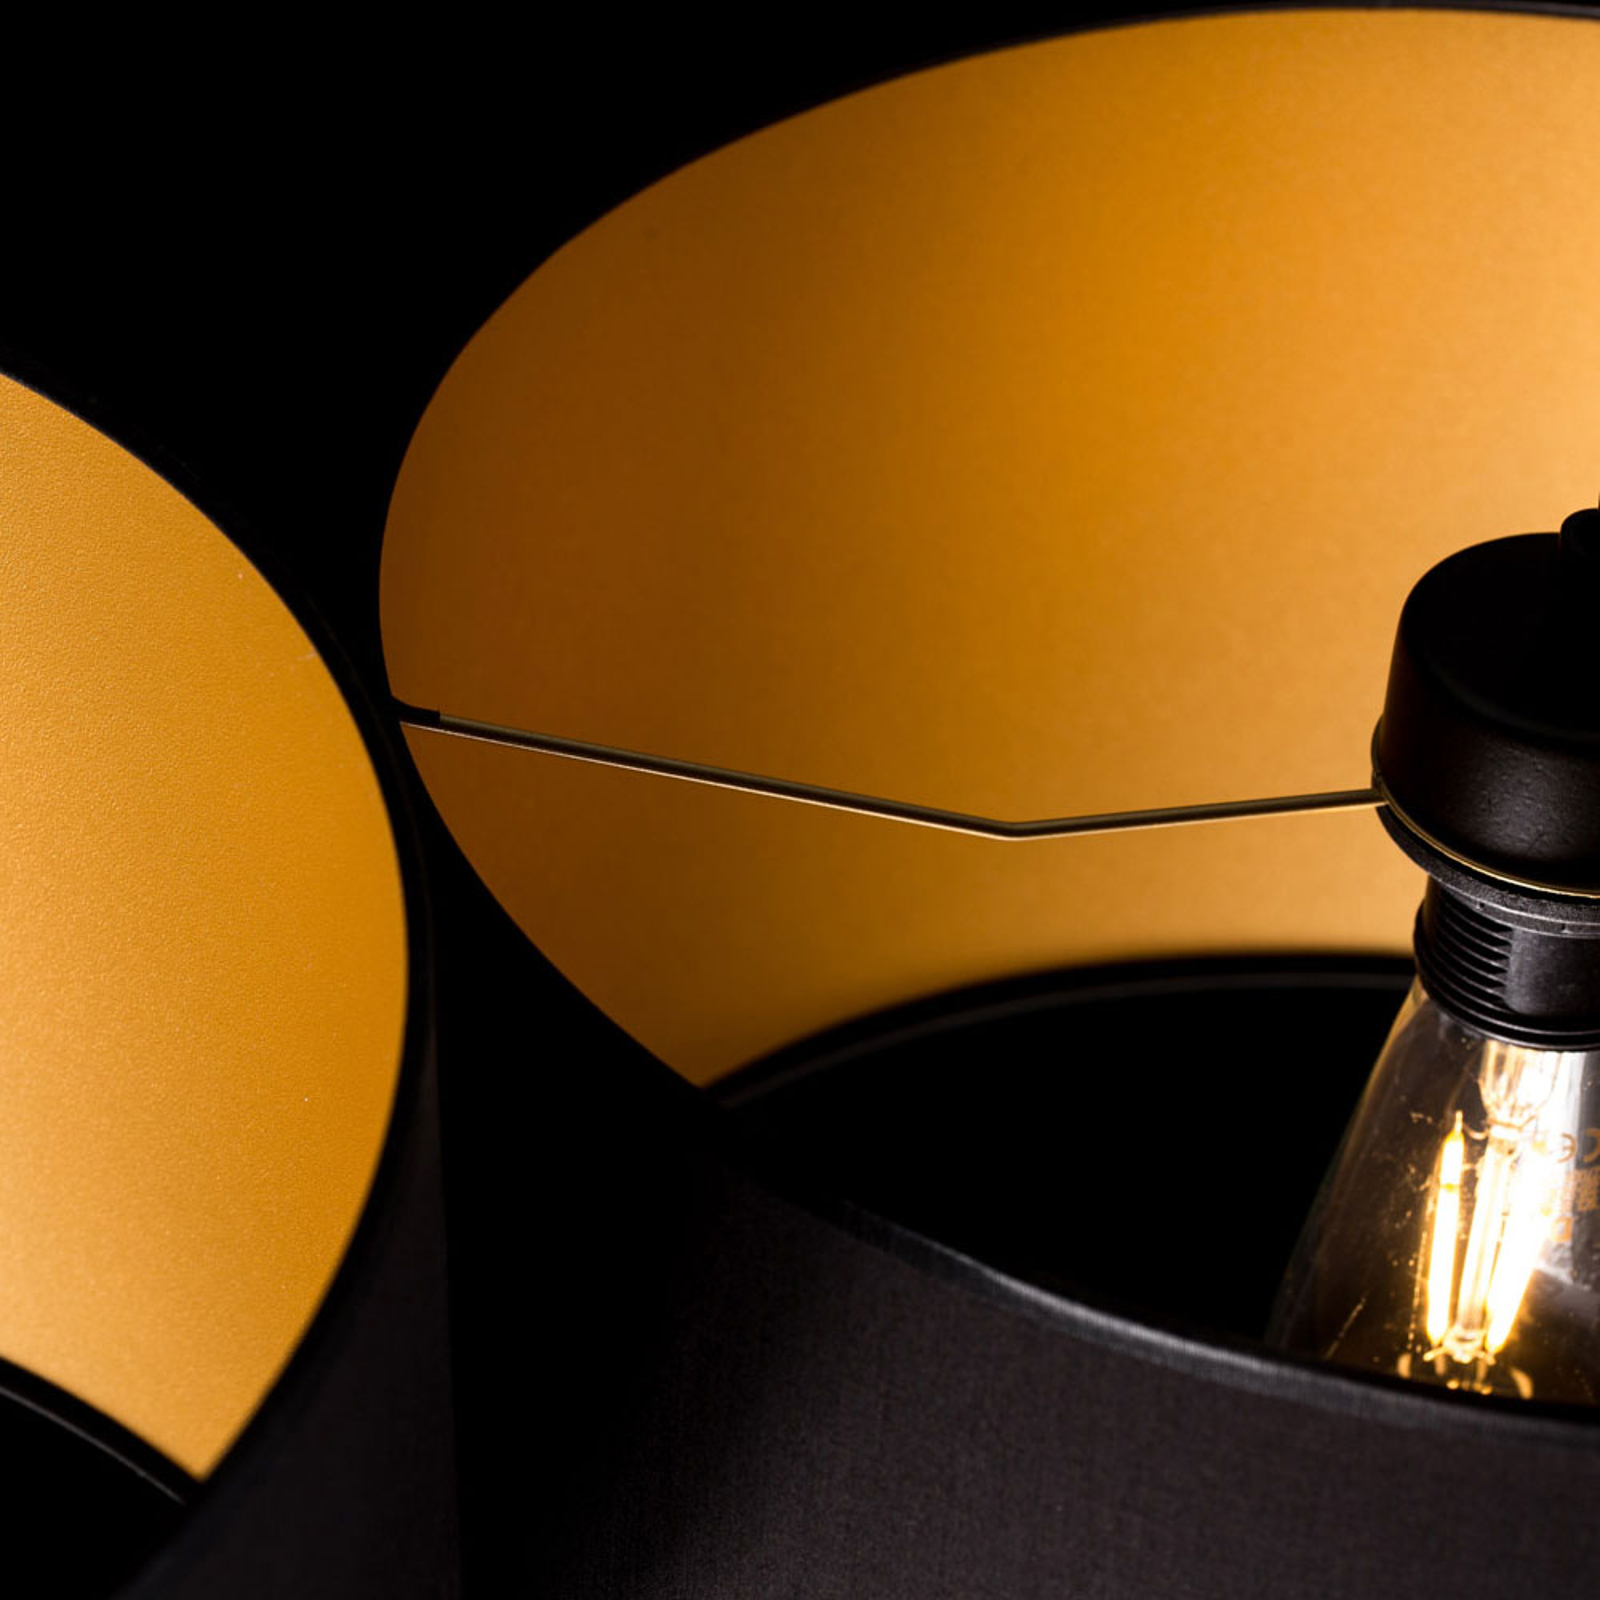 Lampa wisząca Roto 3 czarna, klosze wewnątrz złote